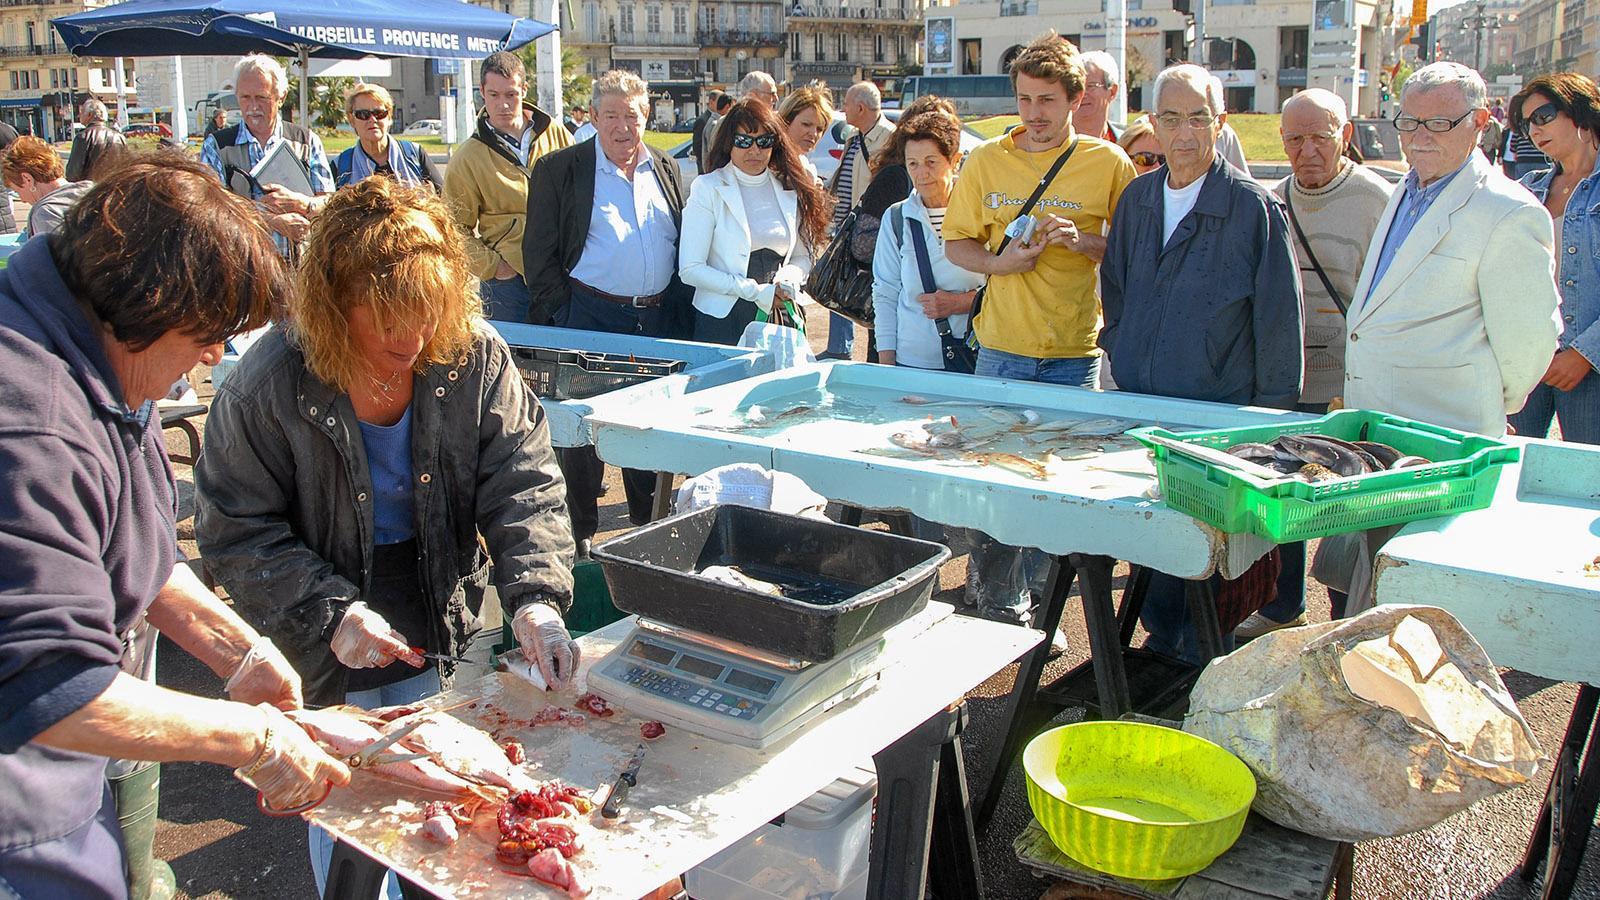 Der Fischmarkt von Marseille im Vieux-Port. Foto: Hilke Maunder